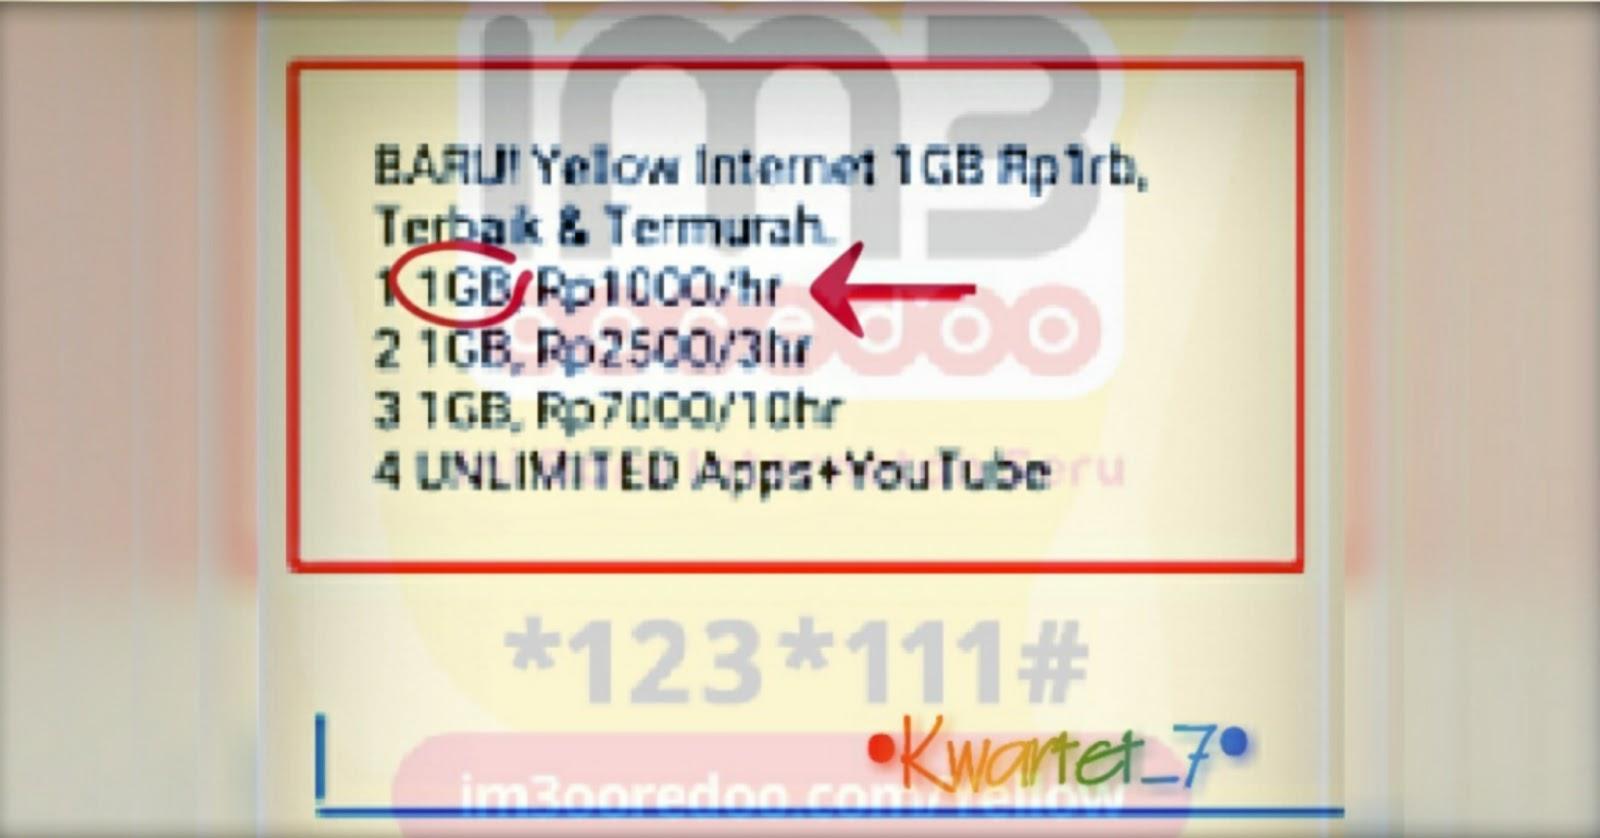 Paket Internet 30gb 30ribu 30hari Indosat Ooredoo Kwartet 7 Im3 Rp0 Langsung Saja Ketik 1 Untuk Membeli Harian Yellow 1gb 1000 Ini Tunggu Notifikasi Pembelian Berhasil Selanjutnya Ulangi Terus